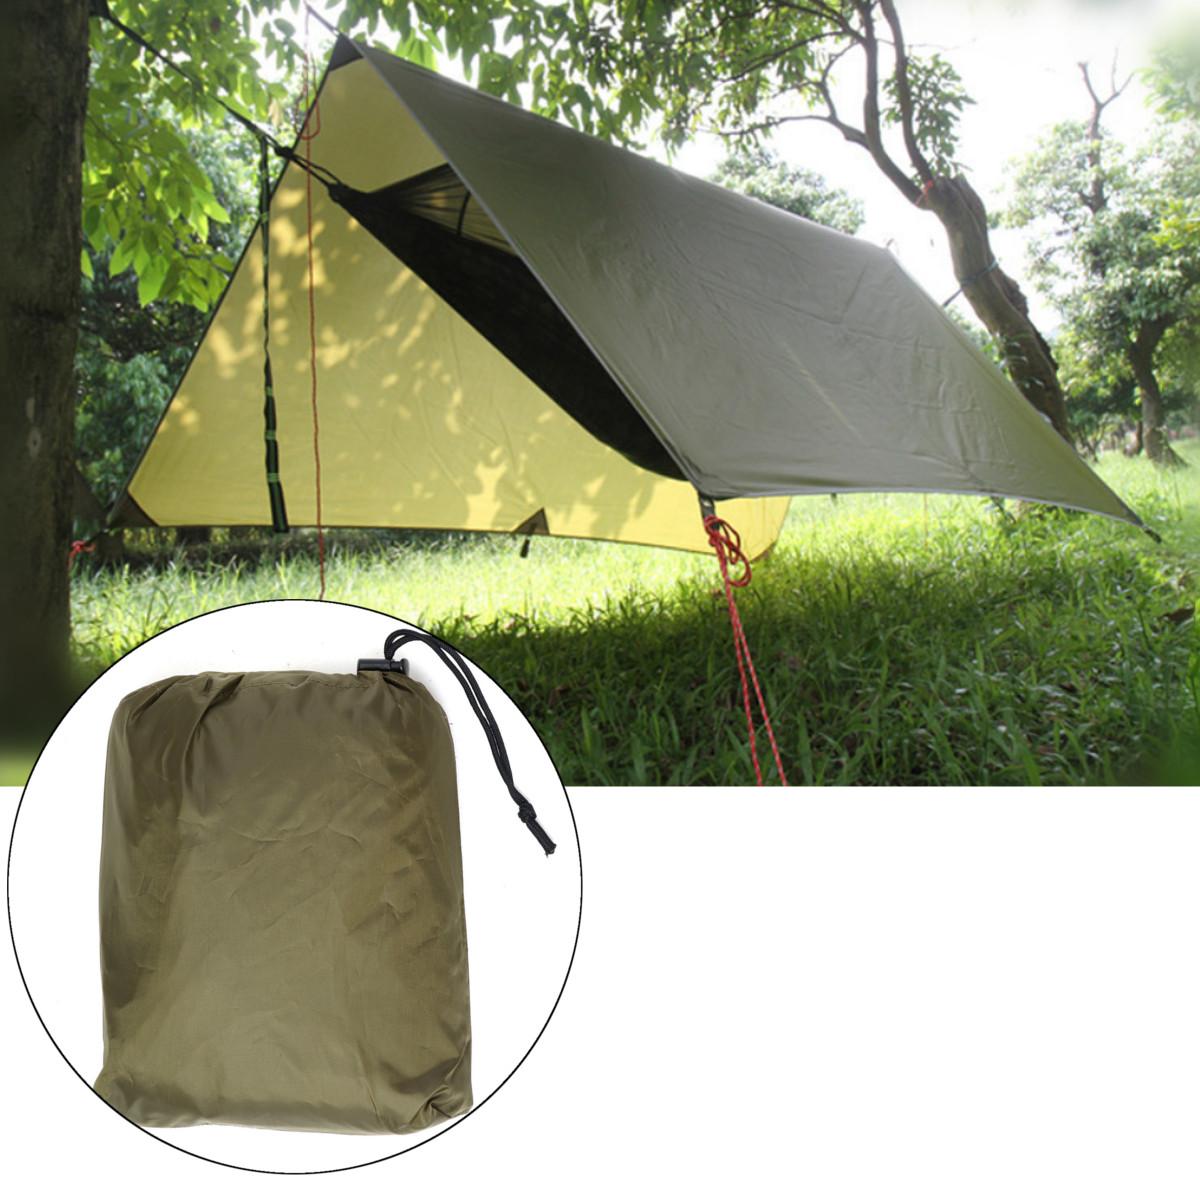 НаоткрытомвоздухеКемпингТентSunshade Canopy Водонепроницаемы Anti-UV Пляжный Тент с тентом для гаражного тента